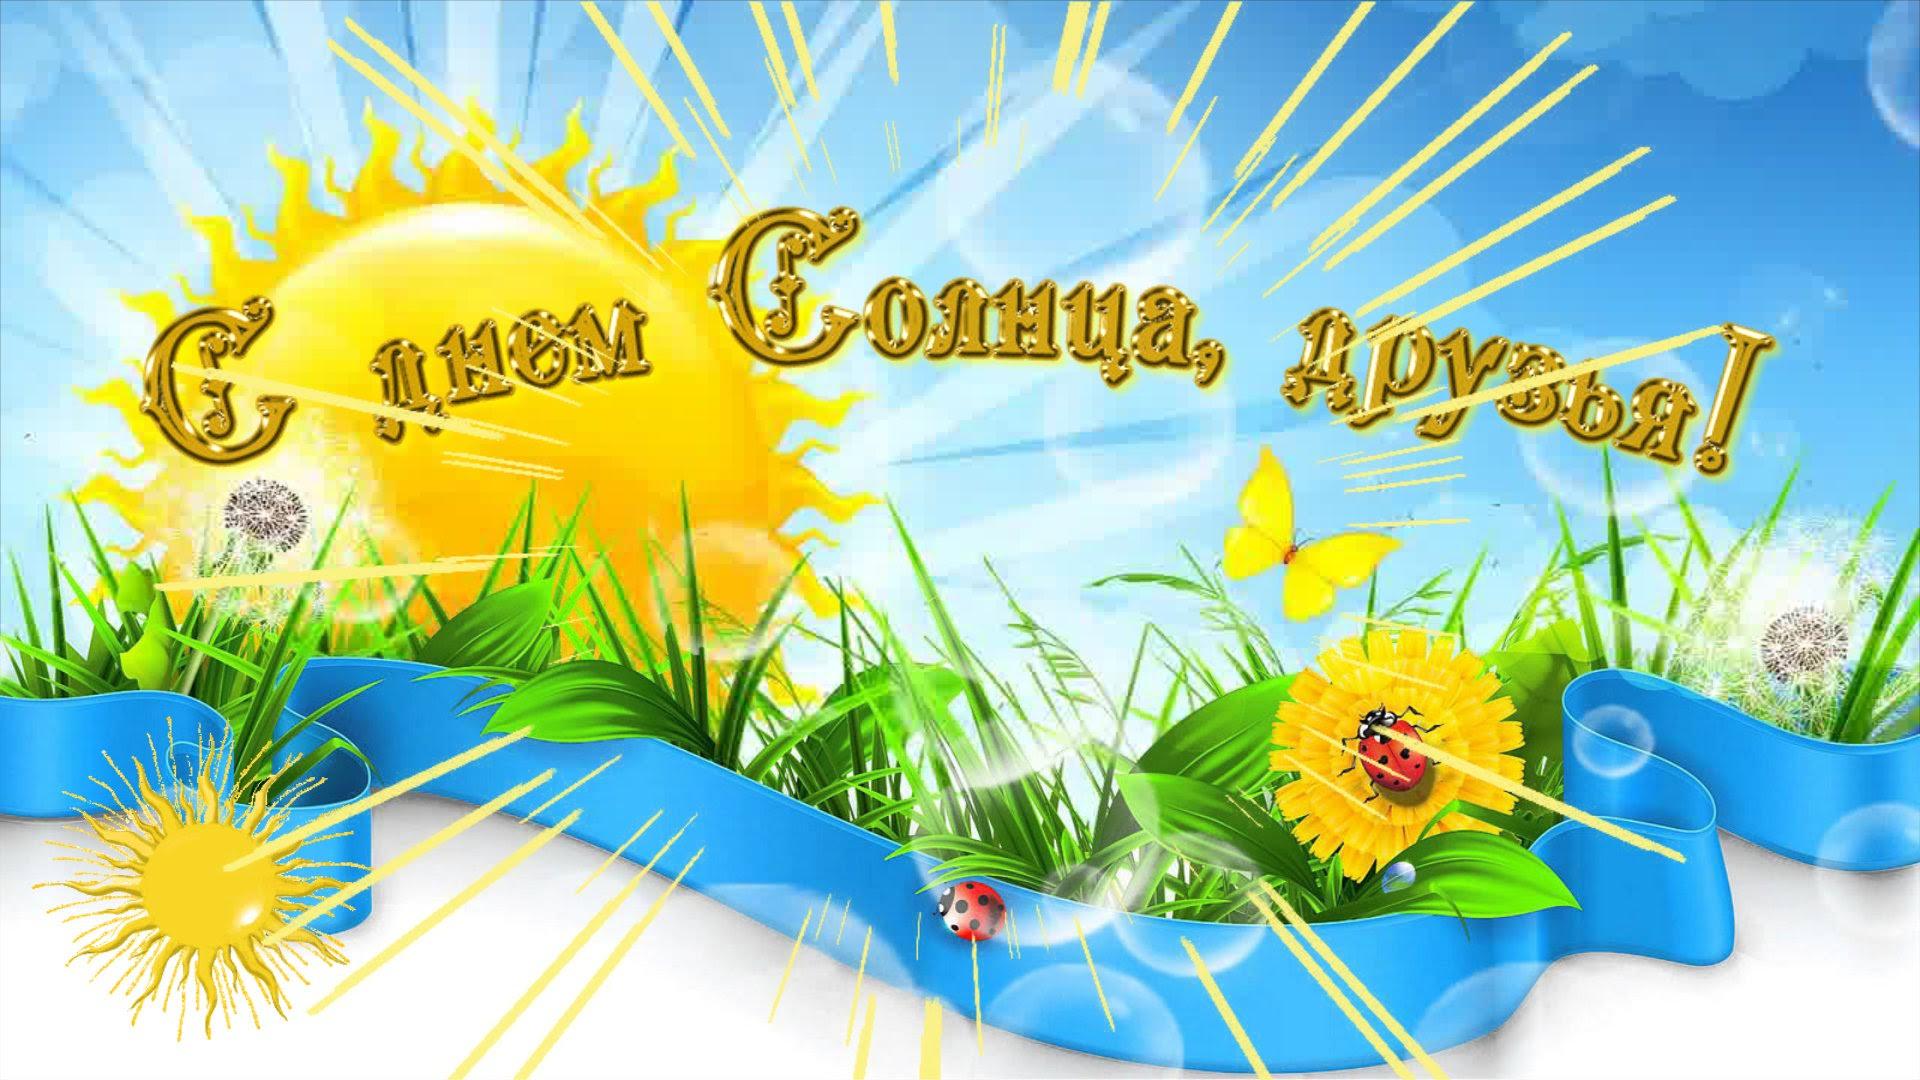 Юбилеем, музыкальная открытка с солнечным днем рождения